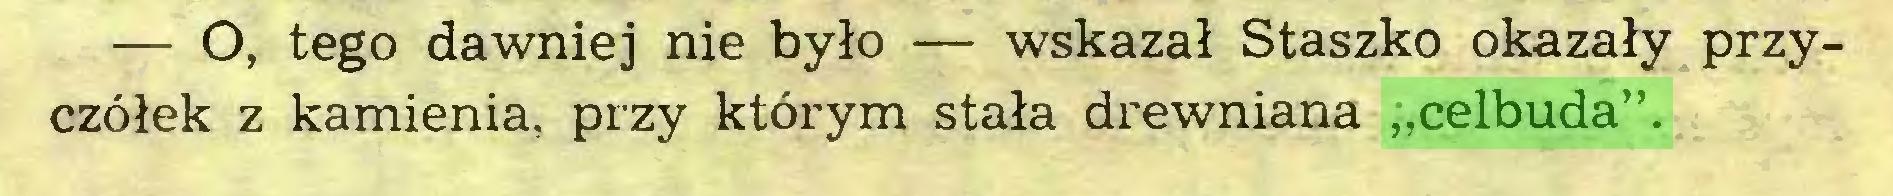 """(...) — O, tego dawniej nie było — wskazał Staszko okazały przyczółek z kamienia, przy którym stała drewniana """"celbuda""""..."""